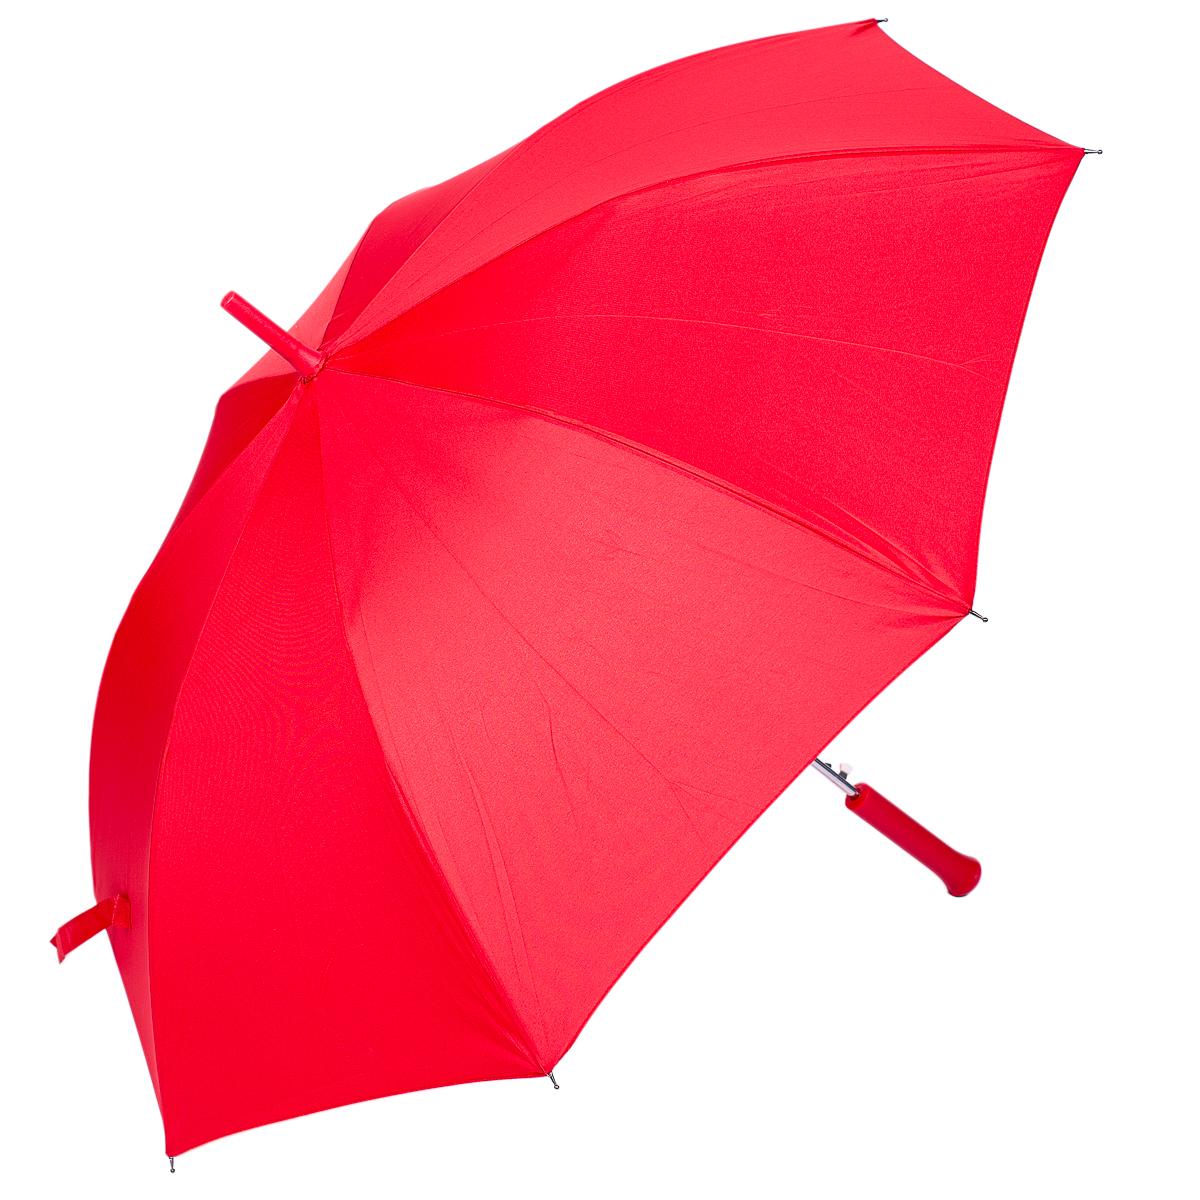 Зонт-трость женский Nuages, цвет: красный. NZ1240/4redCX1516-50-10Зонт - трость. Однотонный. 8 спиц. Автоматическое открытие.